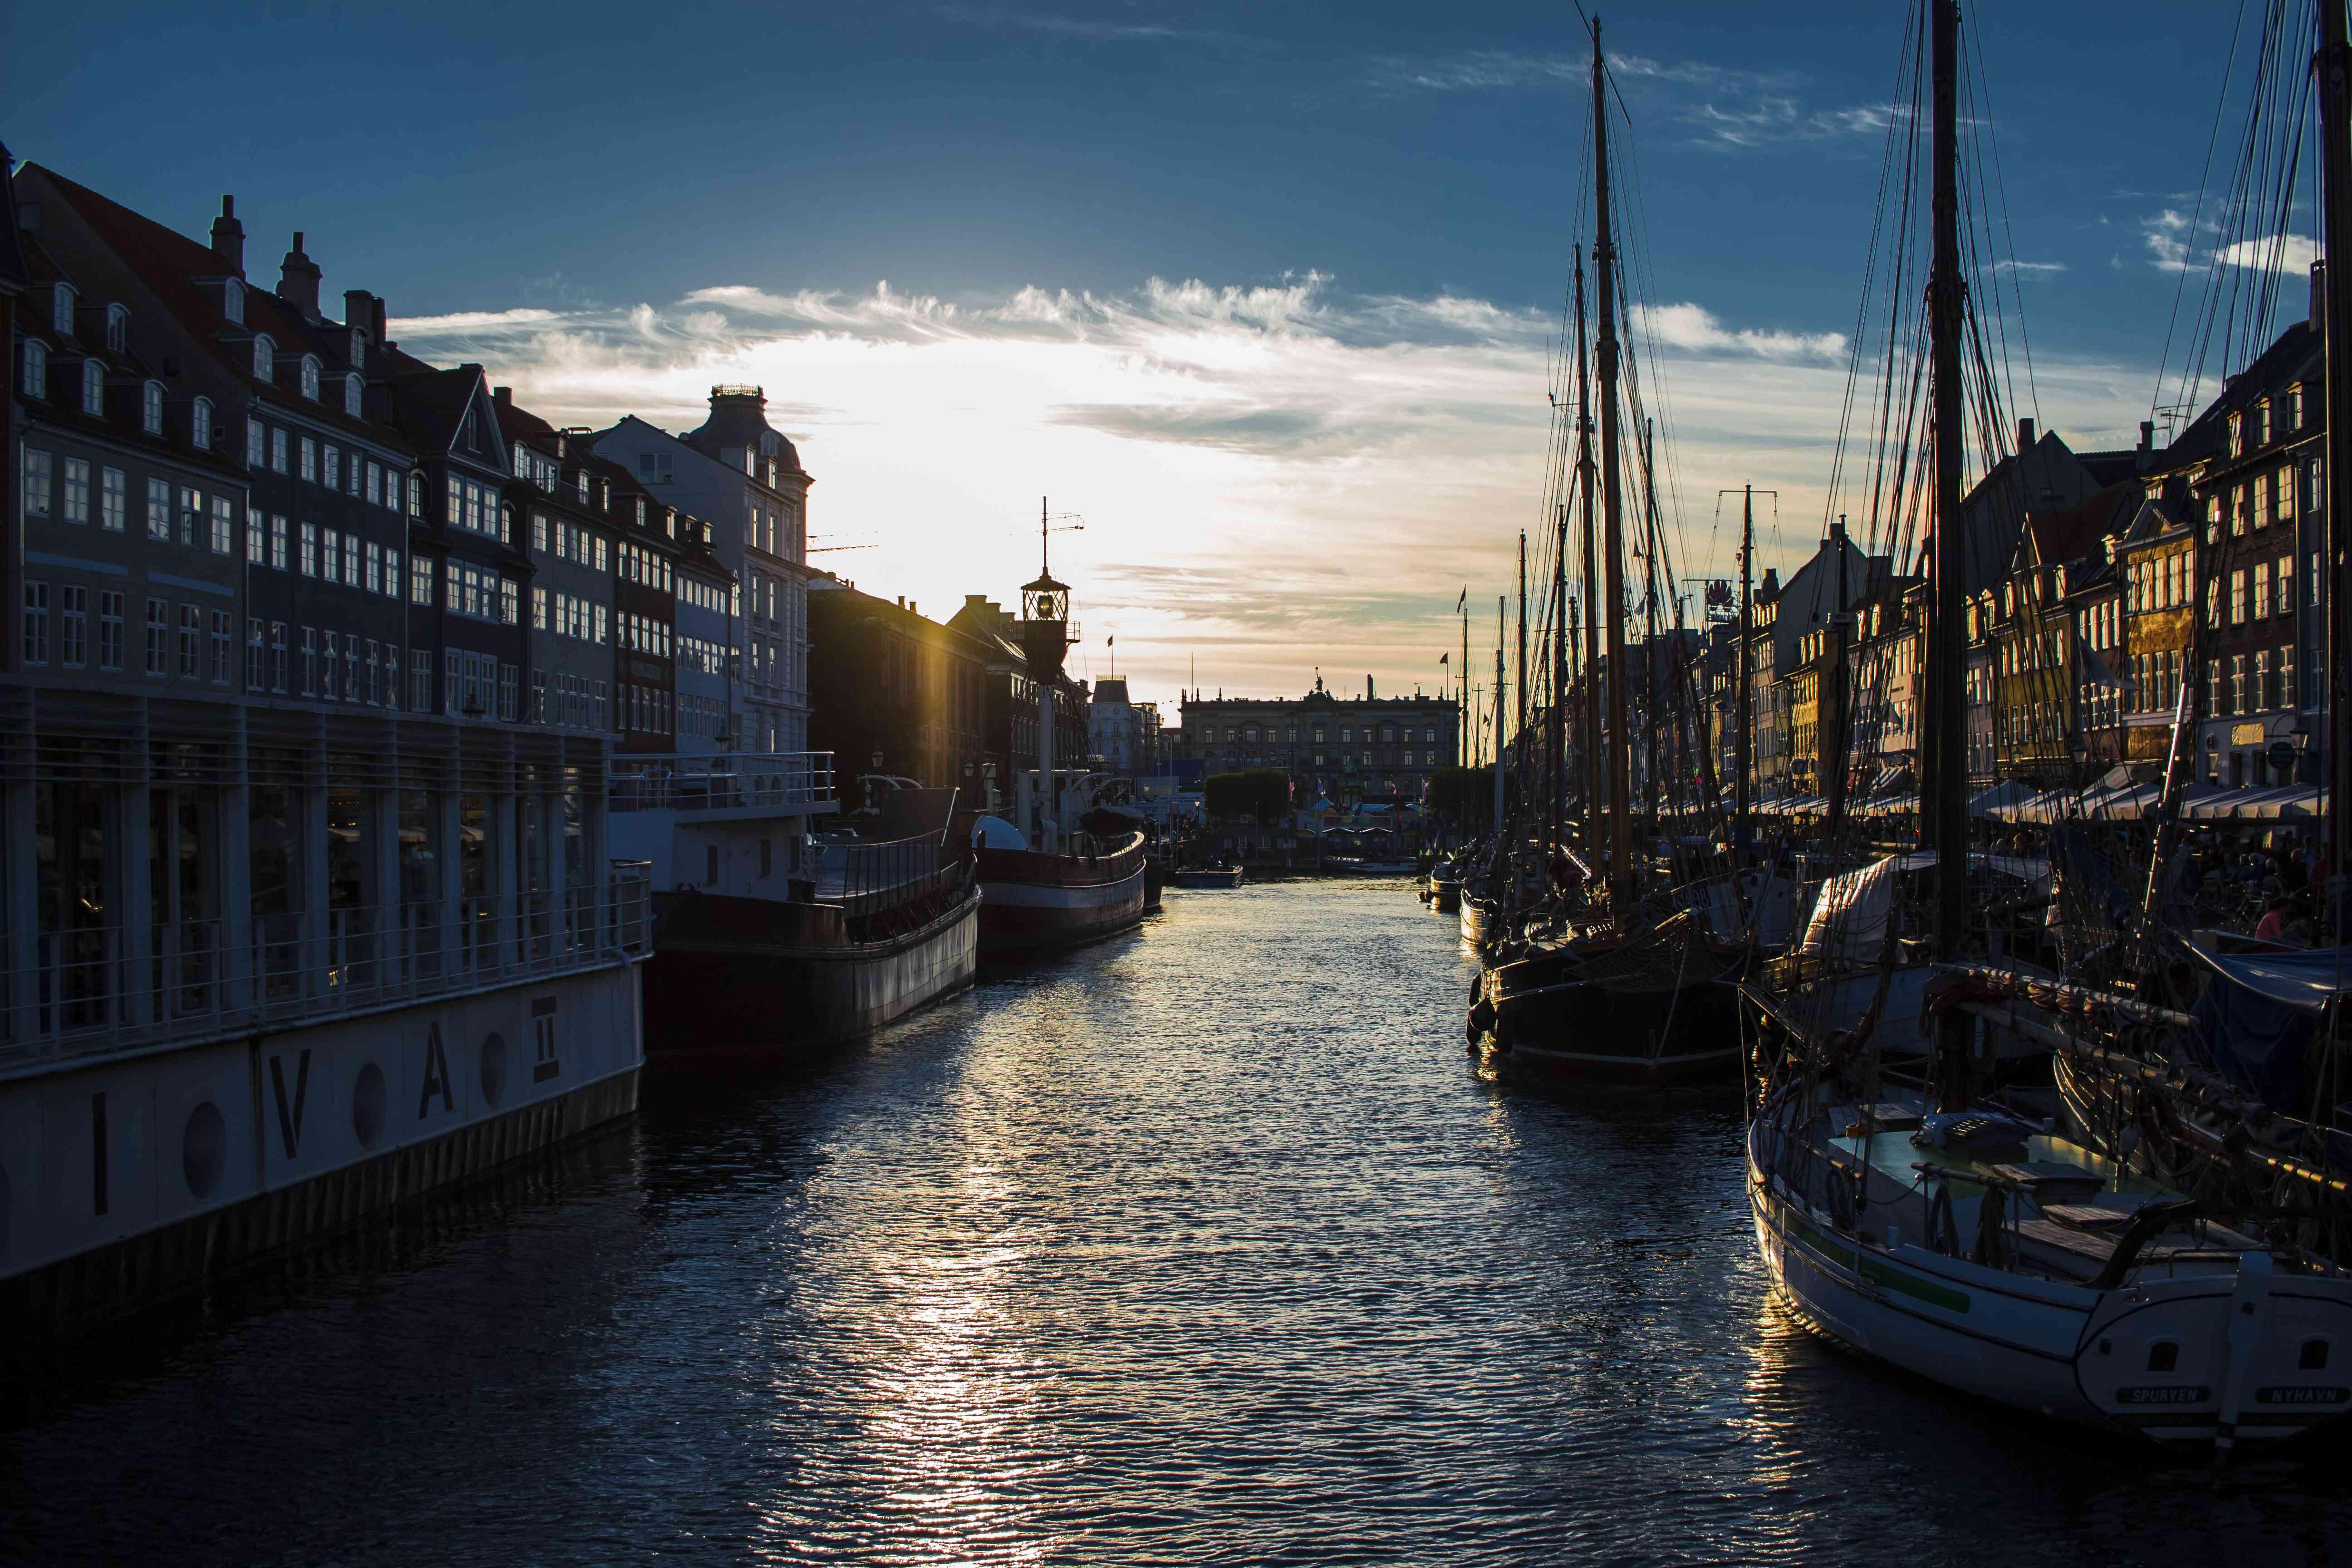 Dánsko, země zaslíbená?